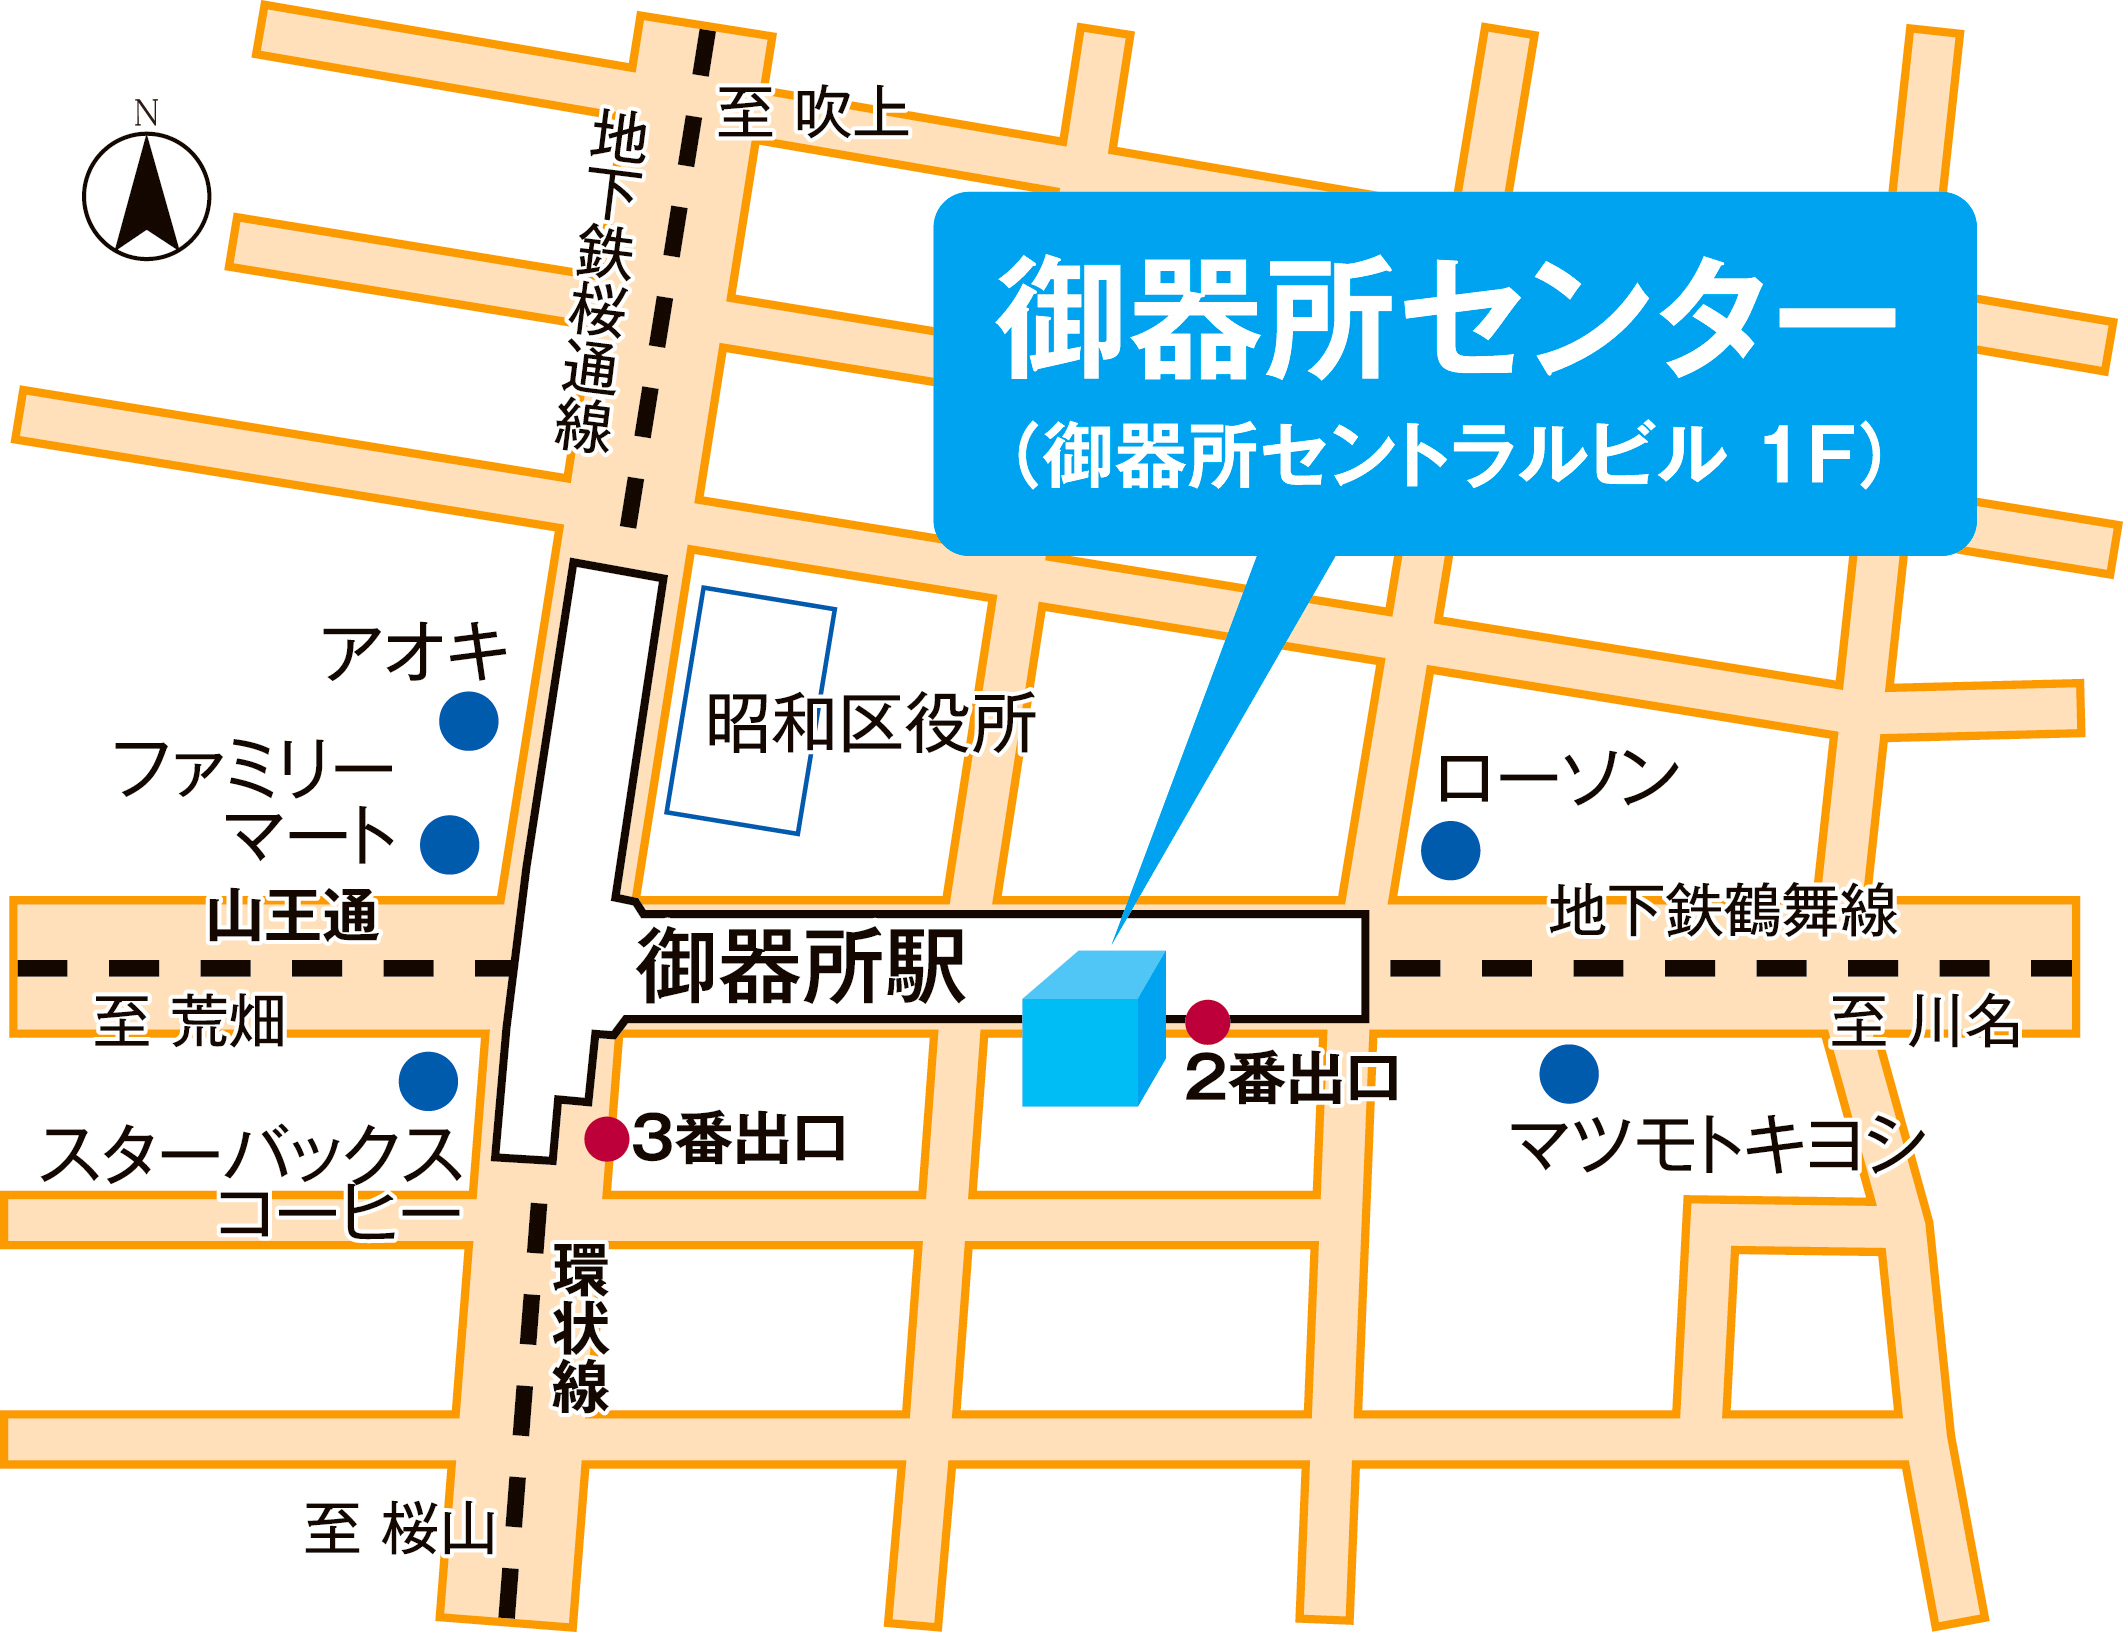 路線 線 地下鉄 図 桜通